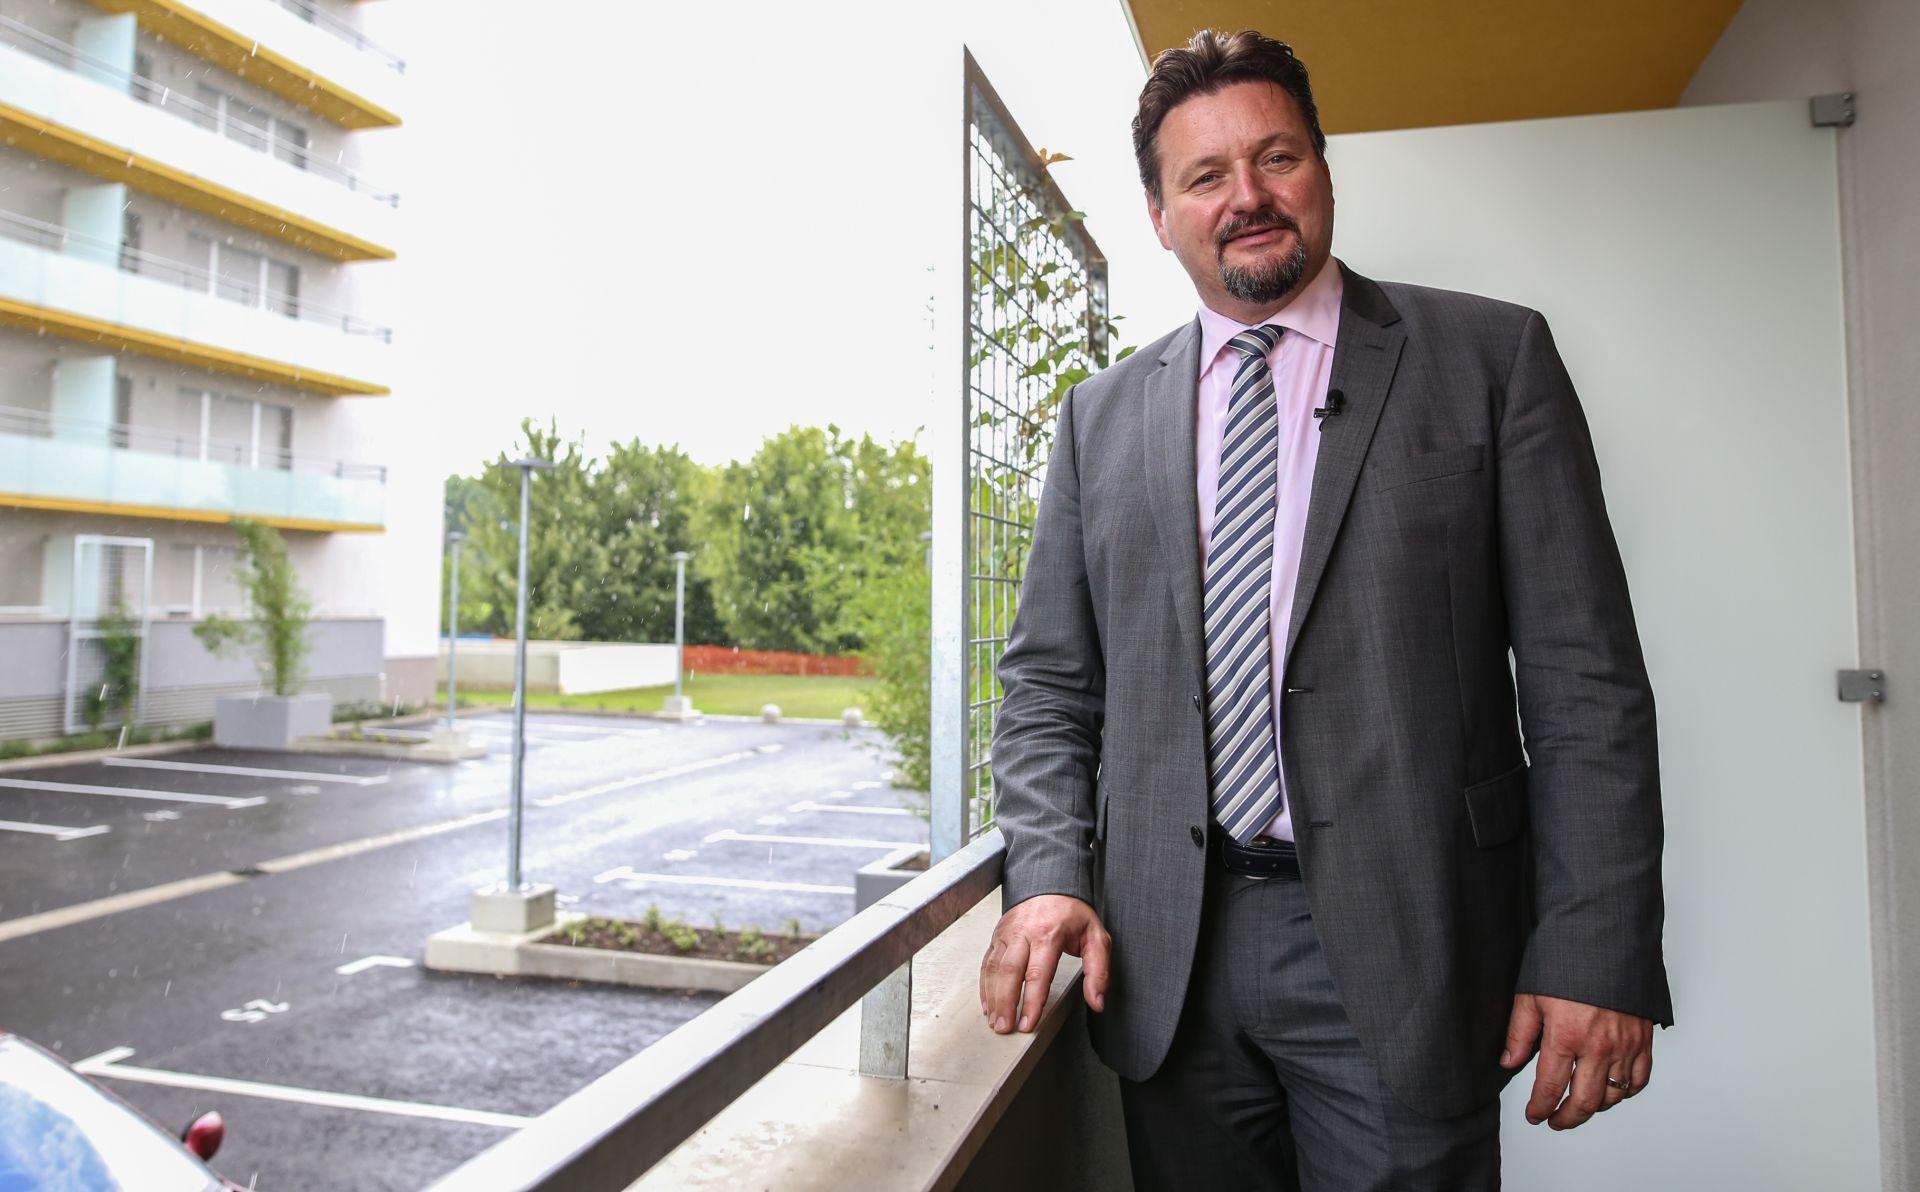 MINISTAR KUŠČEVIĆ: 'Dodijelili smo odluke o sufinanciranju 35 komunalnih projekata u SDŽ'